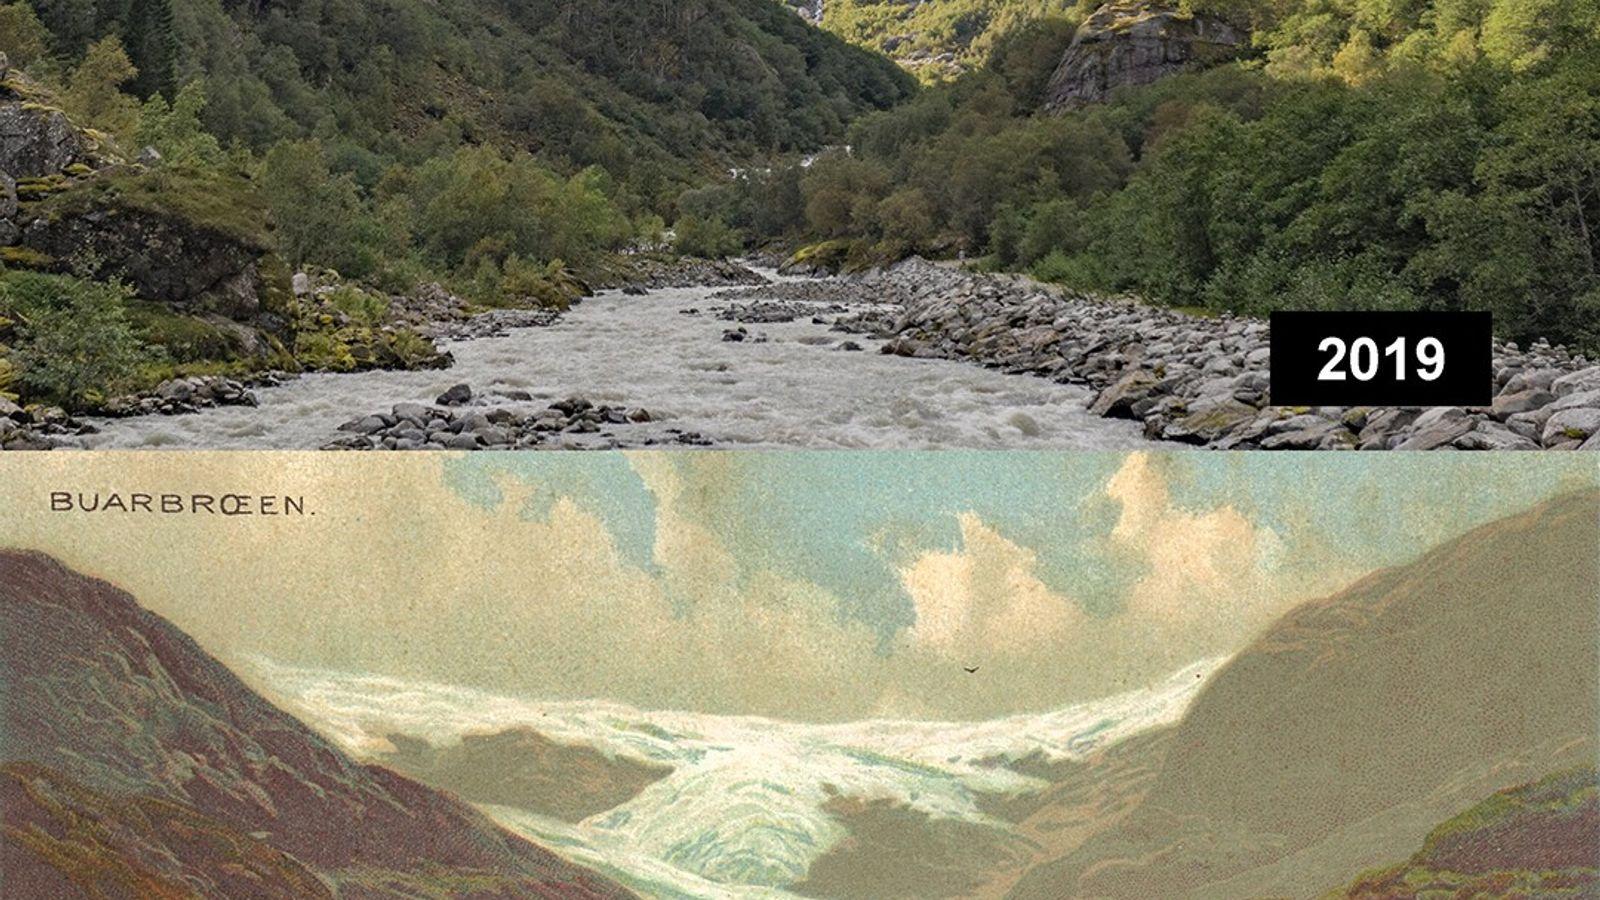 Buarbeen, Norwegen: Der Buarbreen ist eine Gletscherzunge des Folgefonna-Gletschers und ist im Hardaland gelegen.